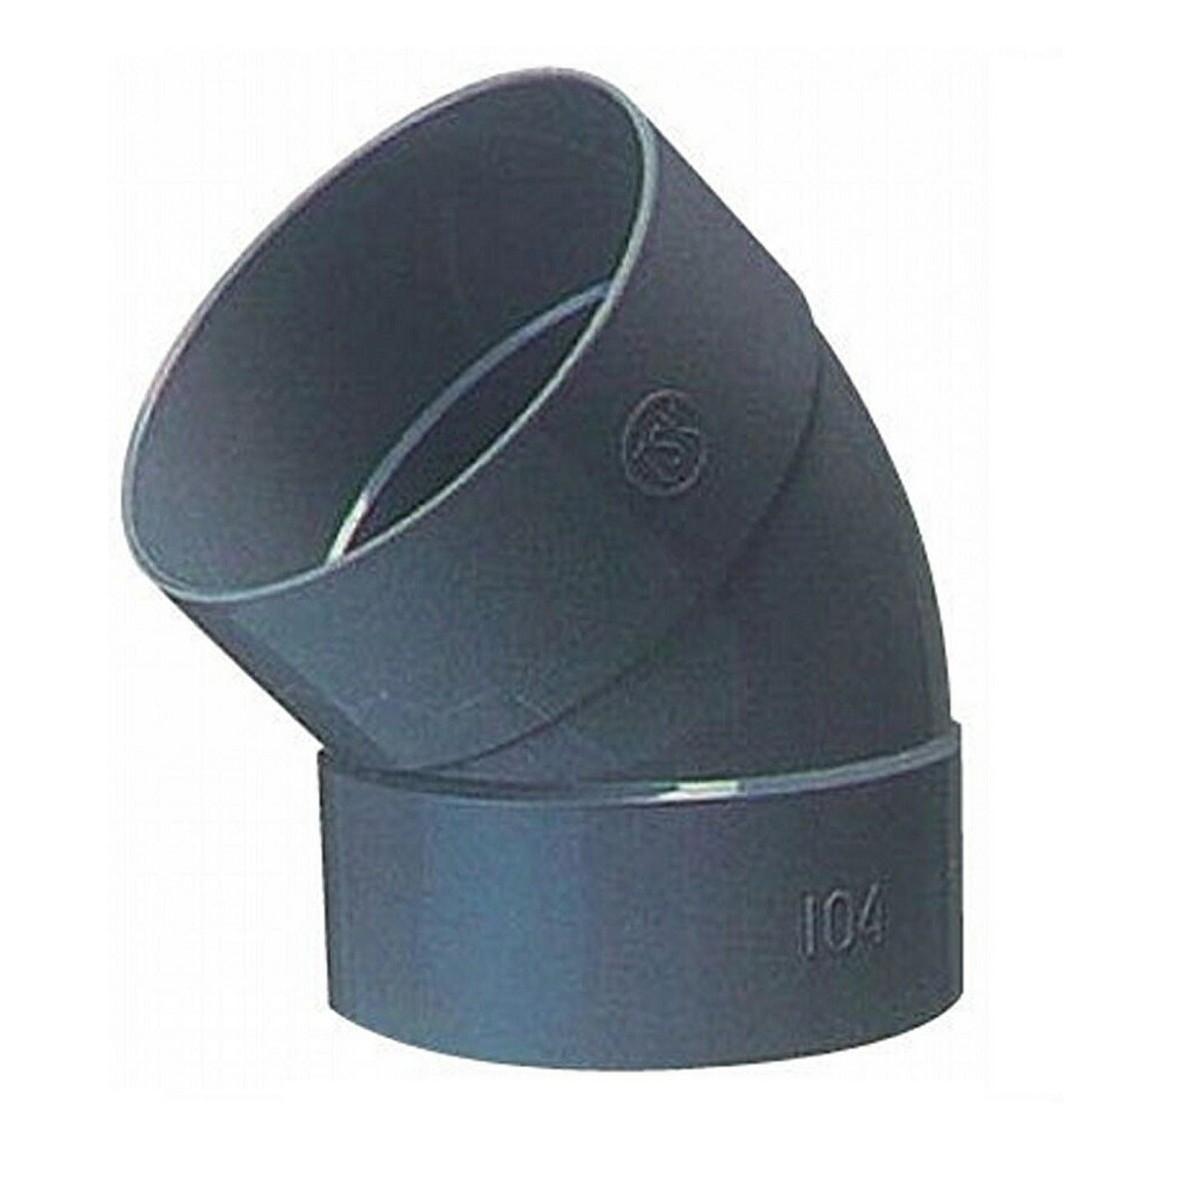 ライト管45゜L 210mm【クーポン配布中】